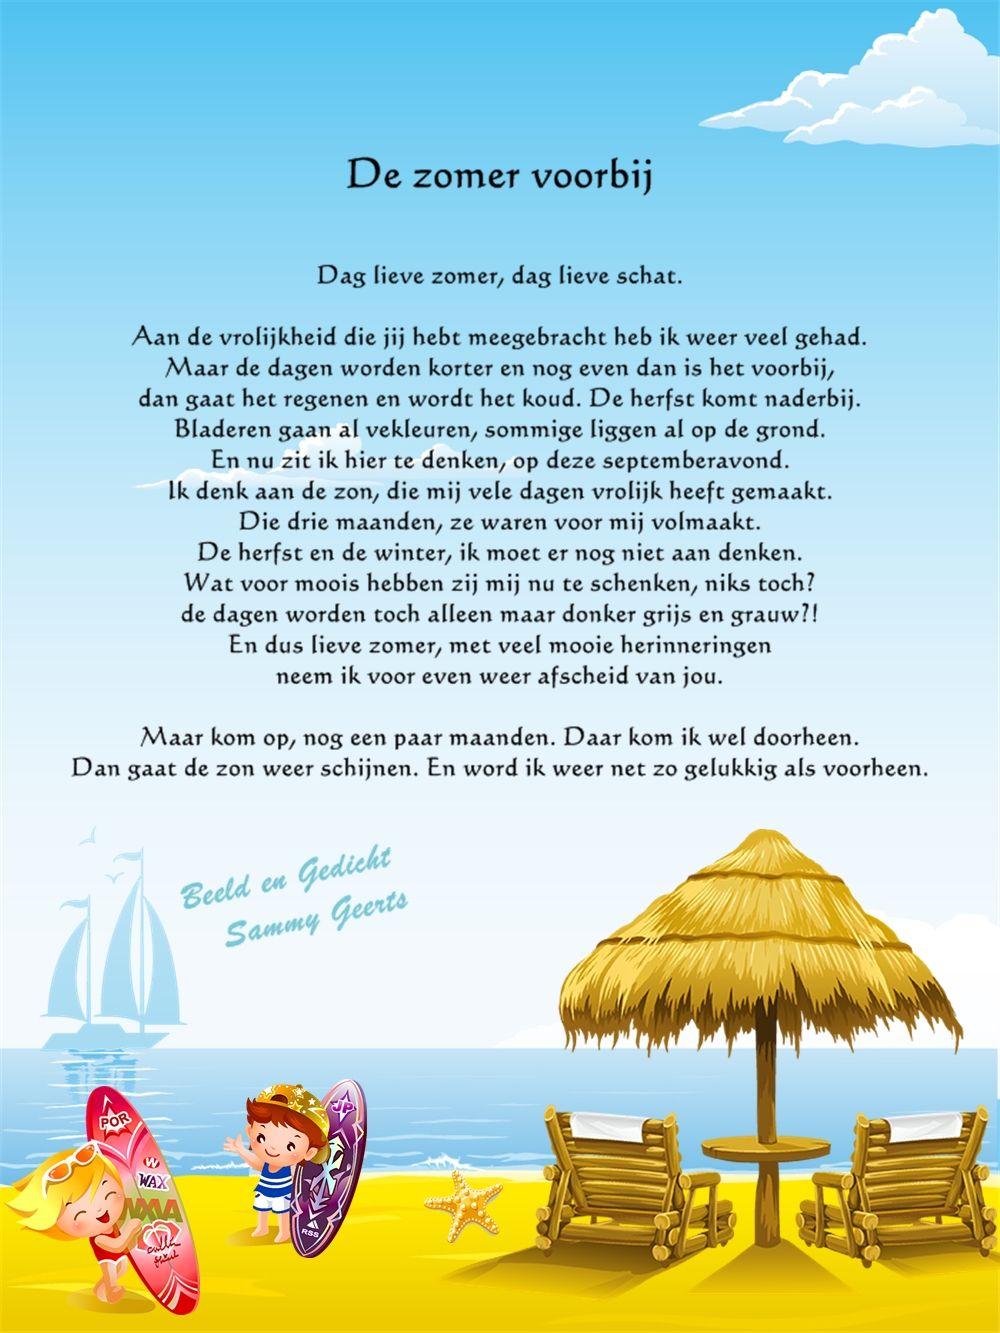 Citaten Zomer Kalamazoo : Dag lieve zomer schat spreuken gedichten